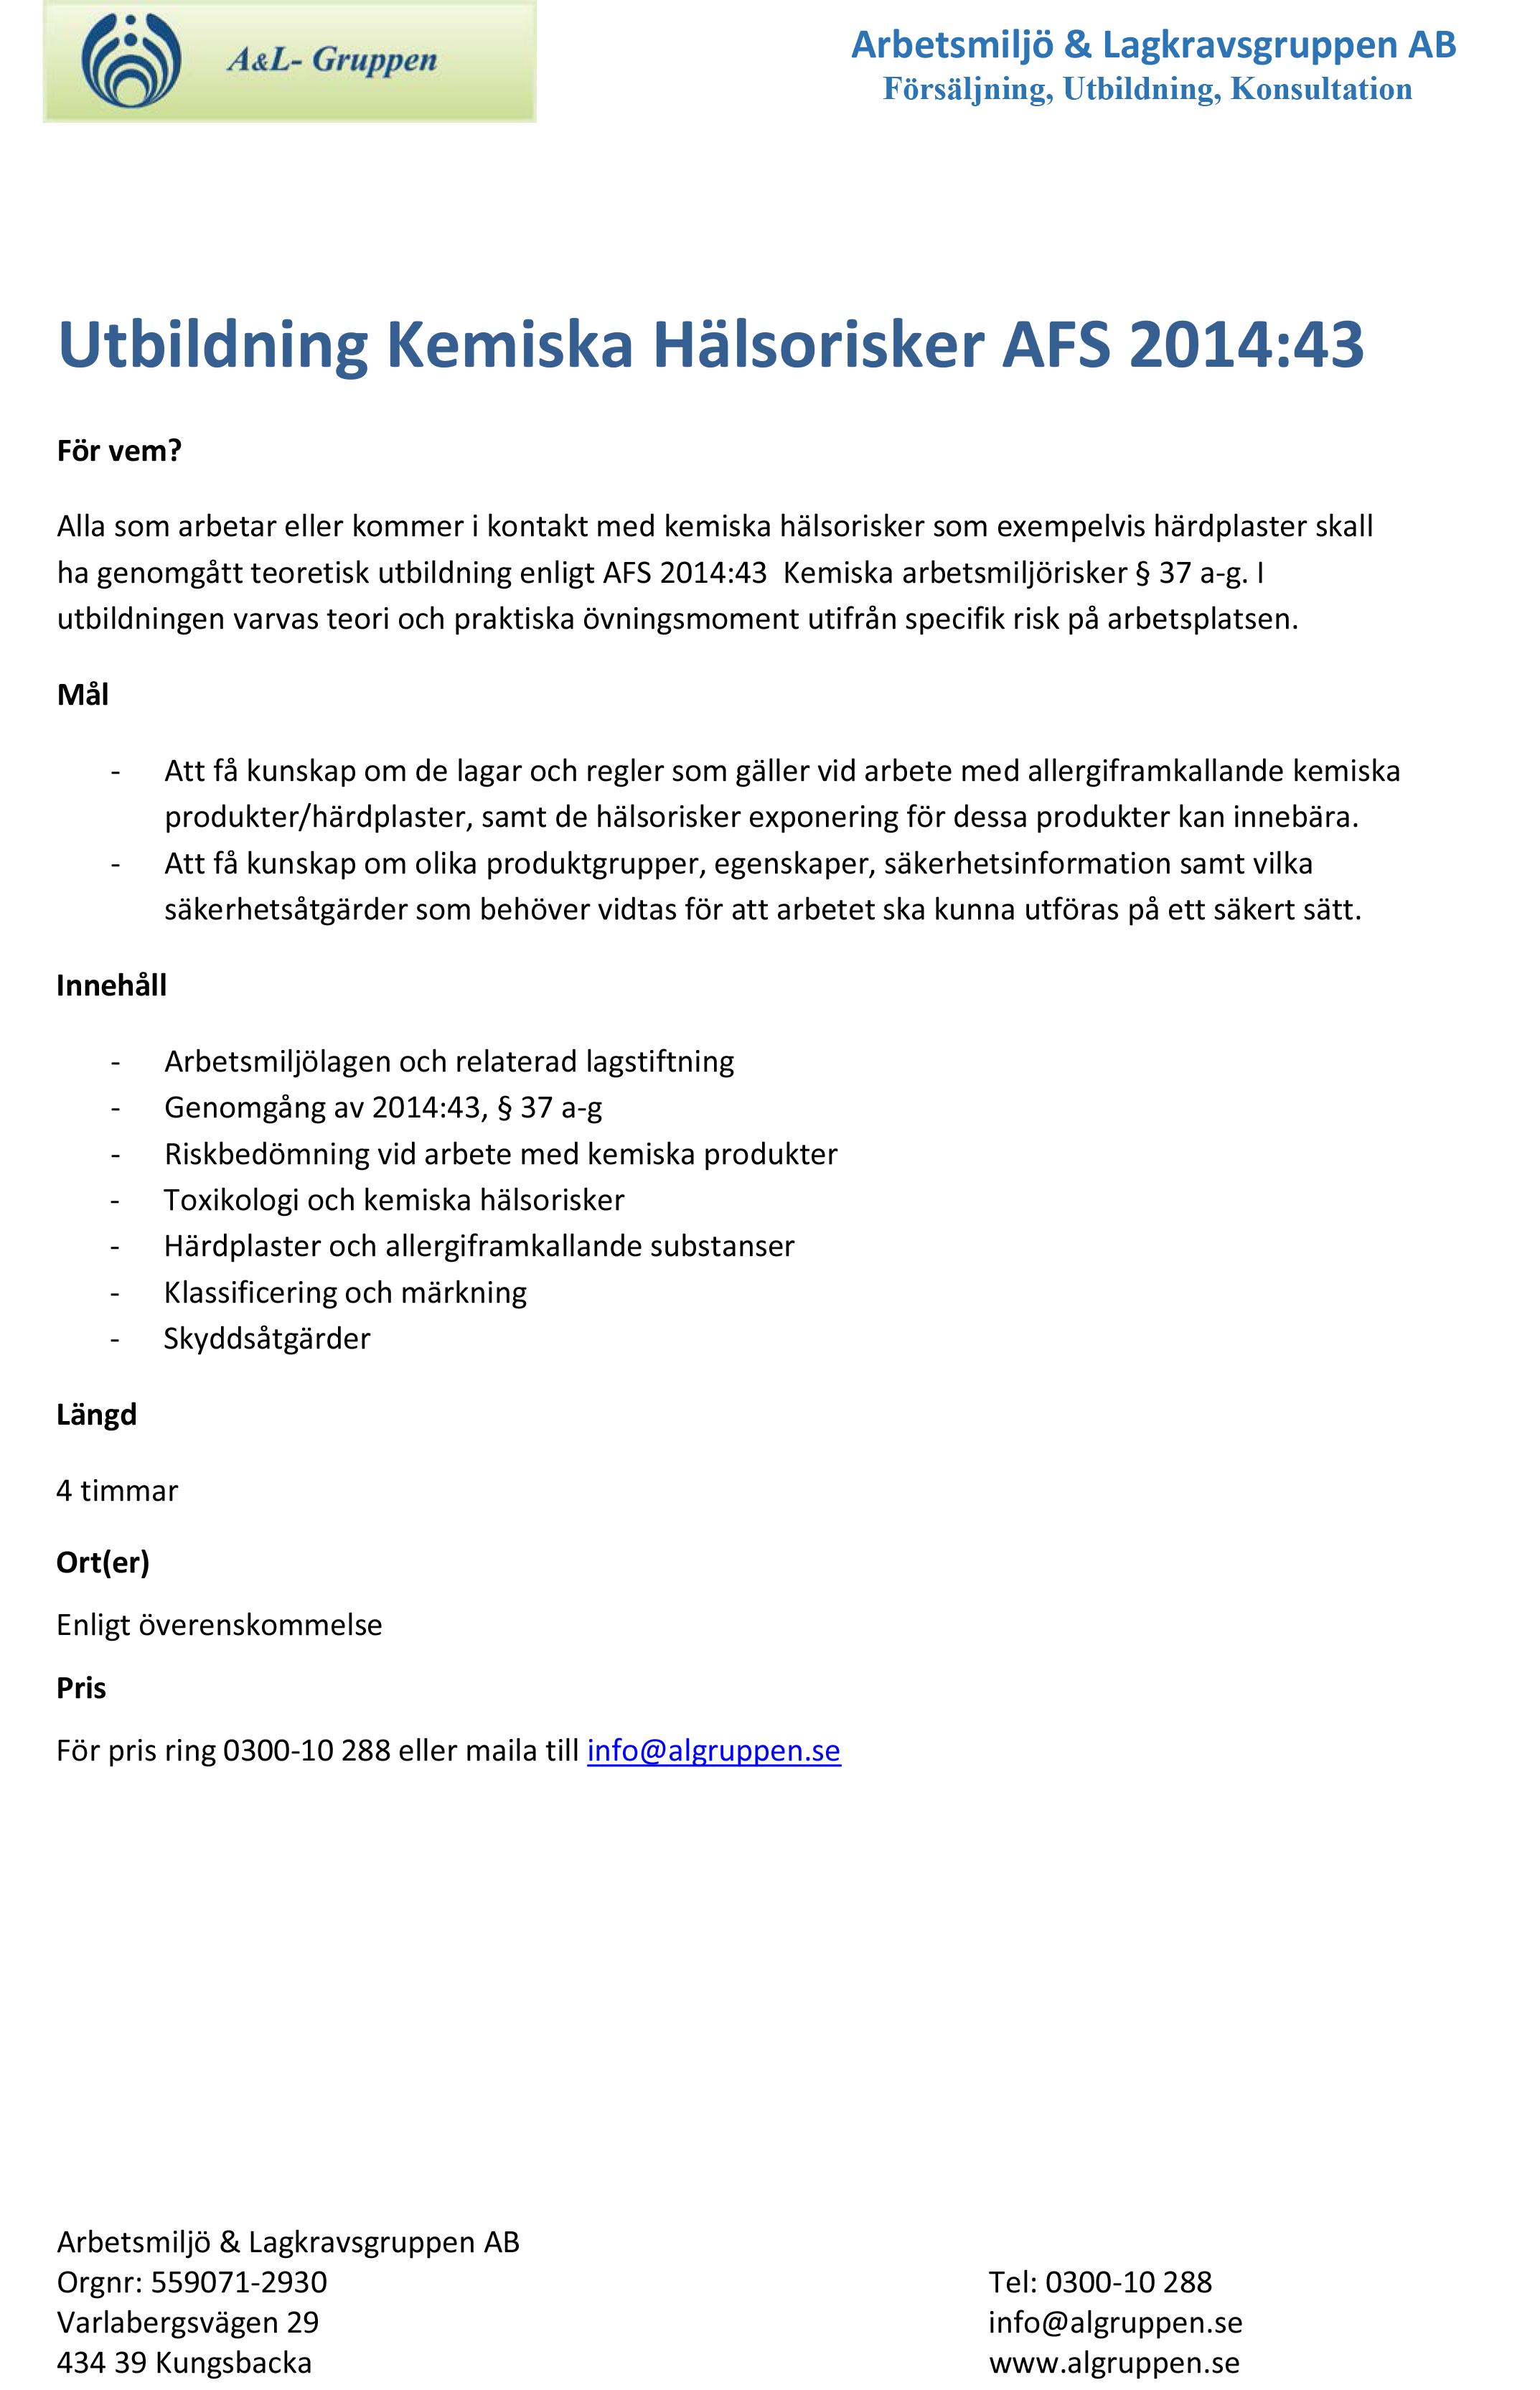 Utbildning-Kemiska-halsorisker-AFS-2014_43